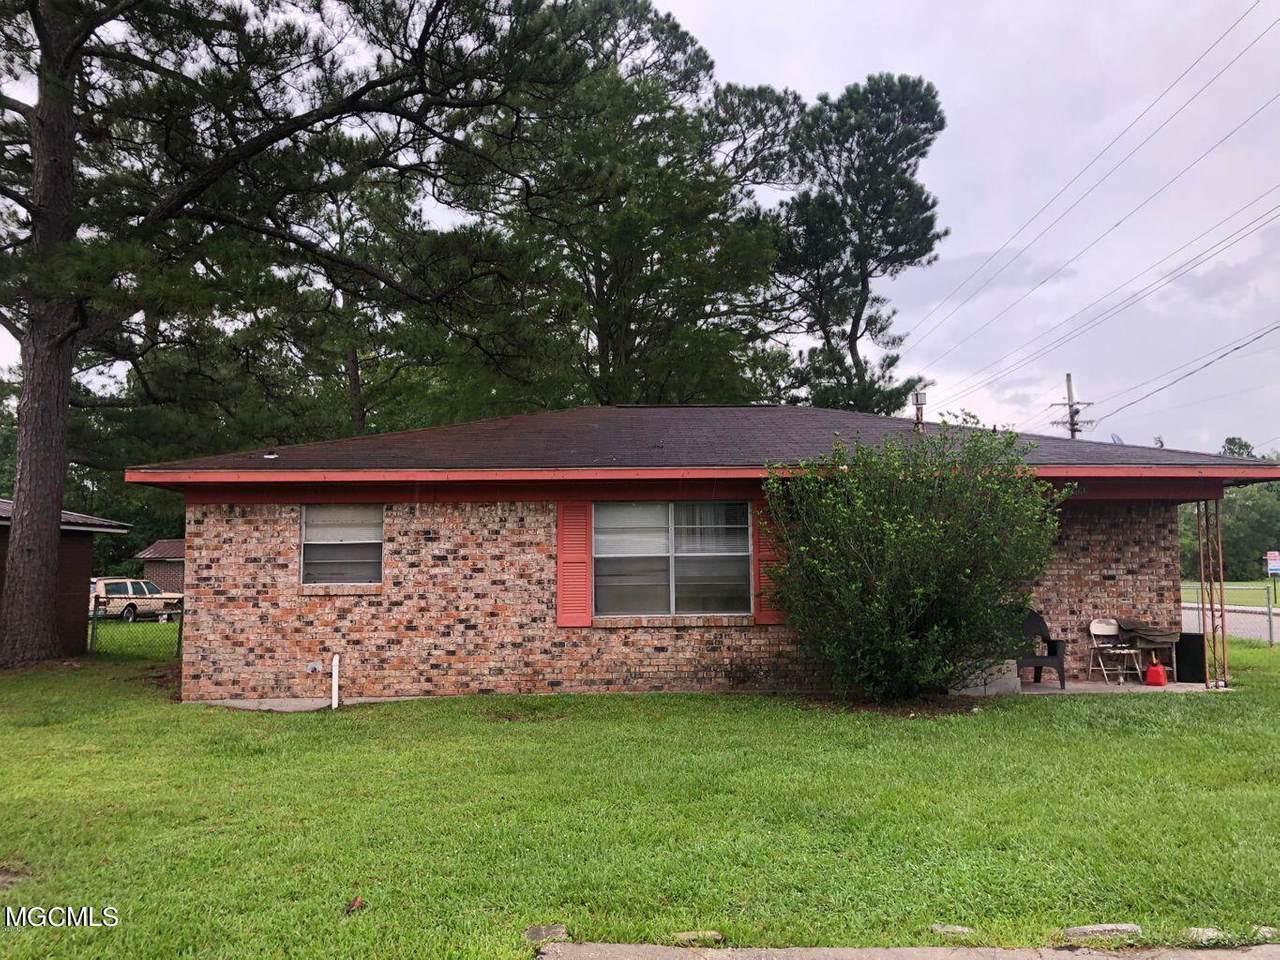 4200 Terrace Dr - Photo 1